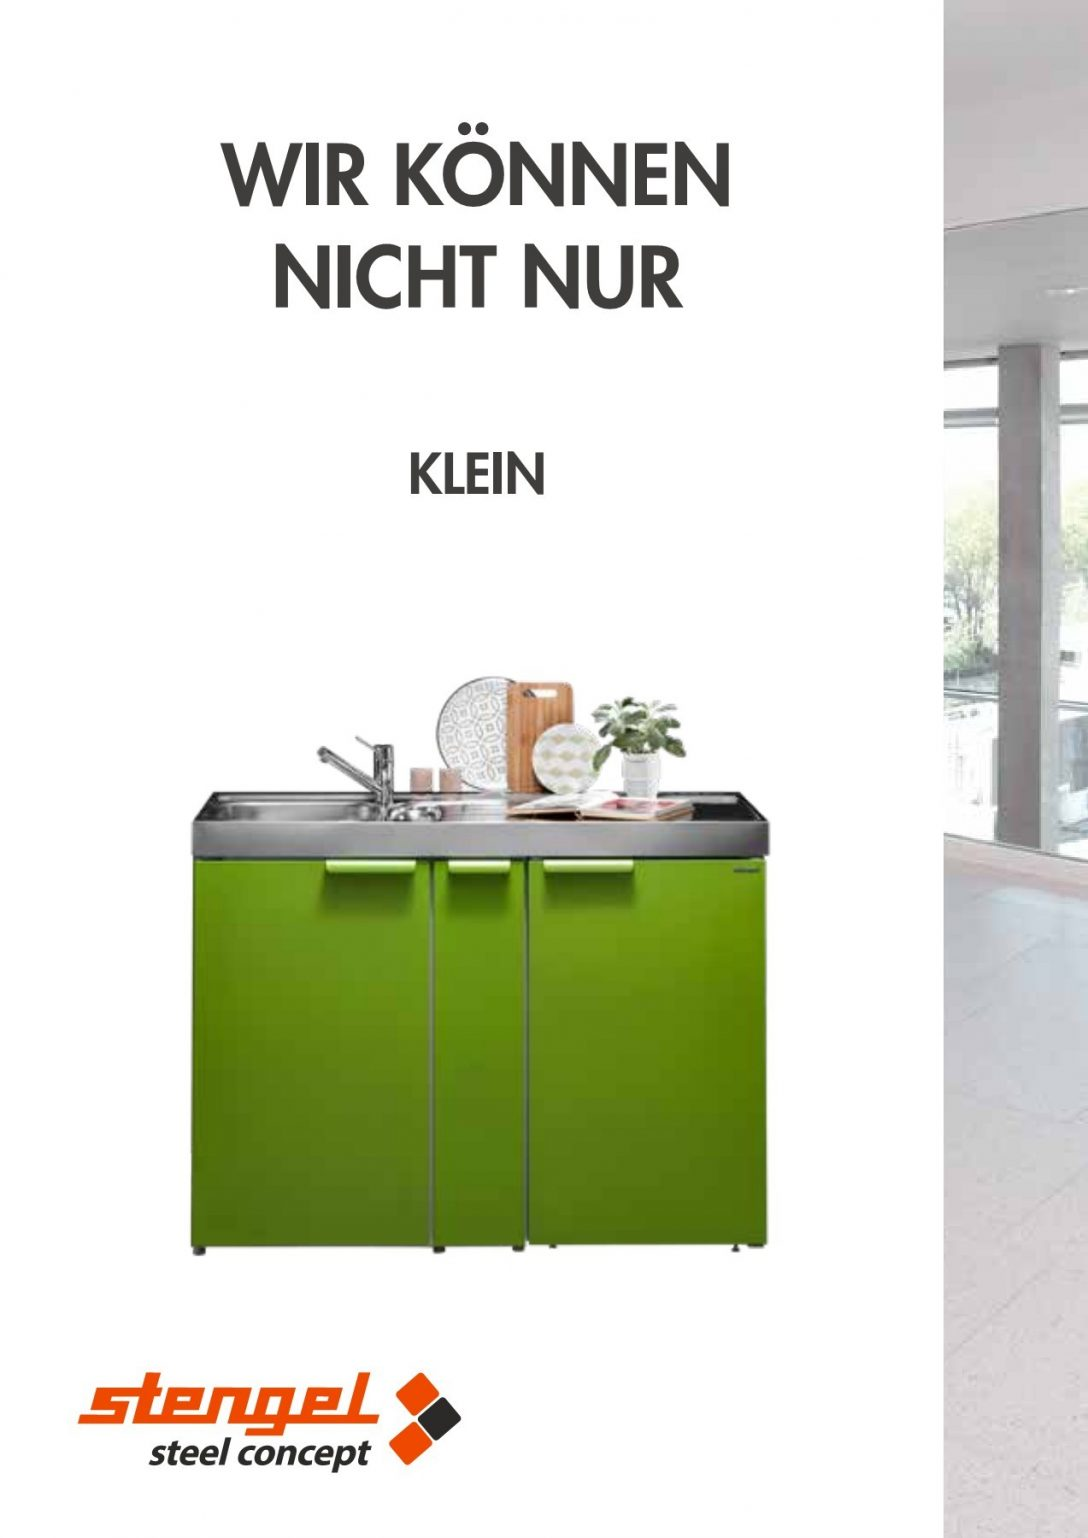 Large Size of Stengel Miniküche Metallkchen 2019 Pages 1 50 Text Version Mit Kühlschrank Ikea Küche Stengel Miniküche